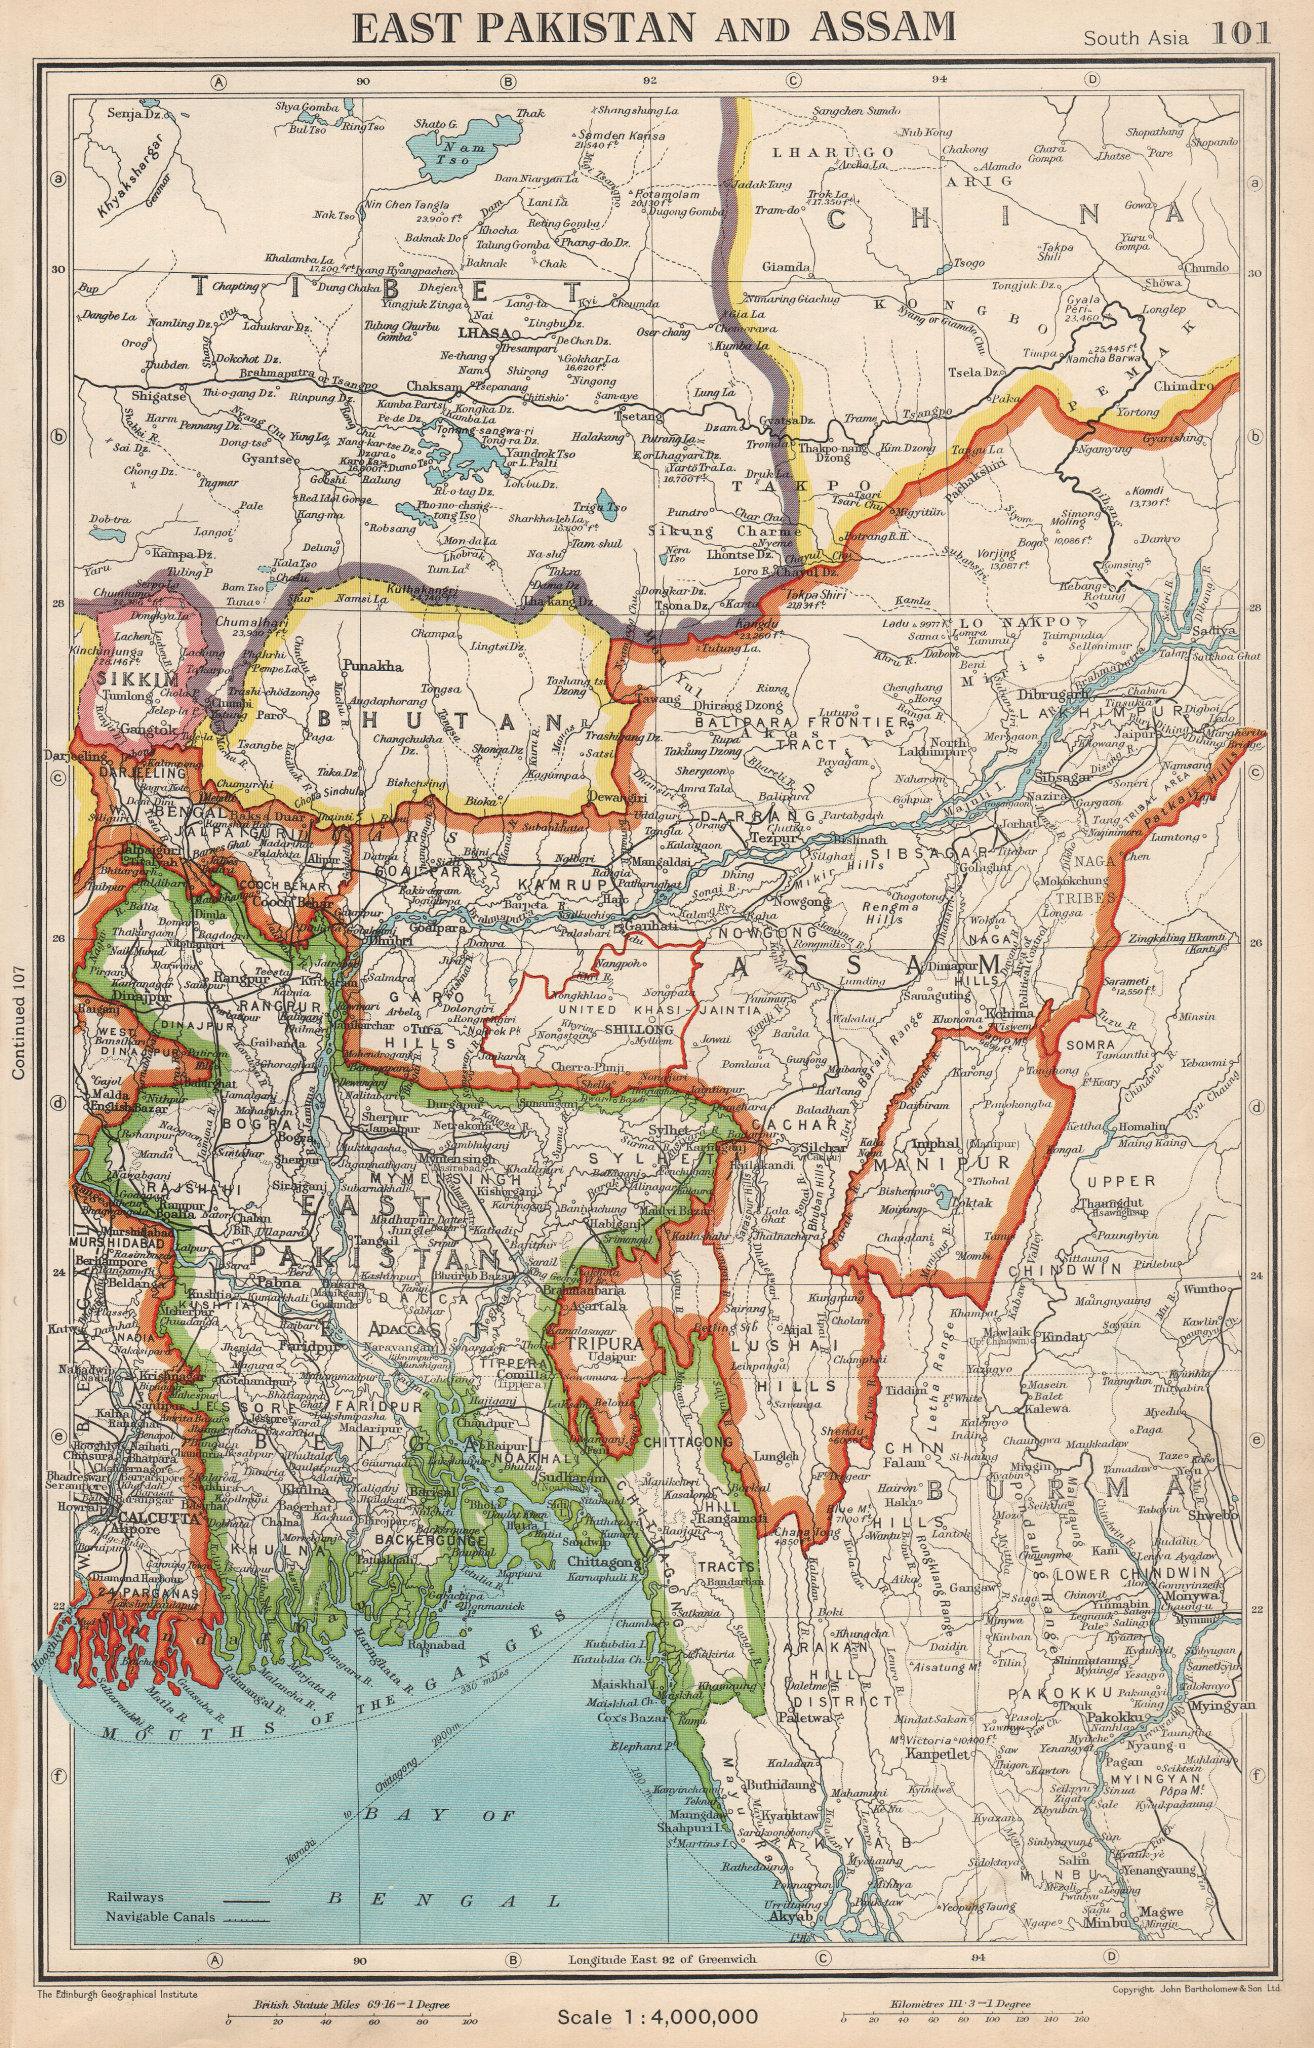 SOUTH ASIA. East Pakistan, Assam, Bhutan & independent Sikkim & Tibet 1952 map